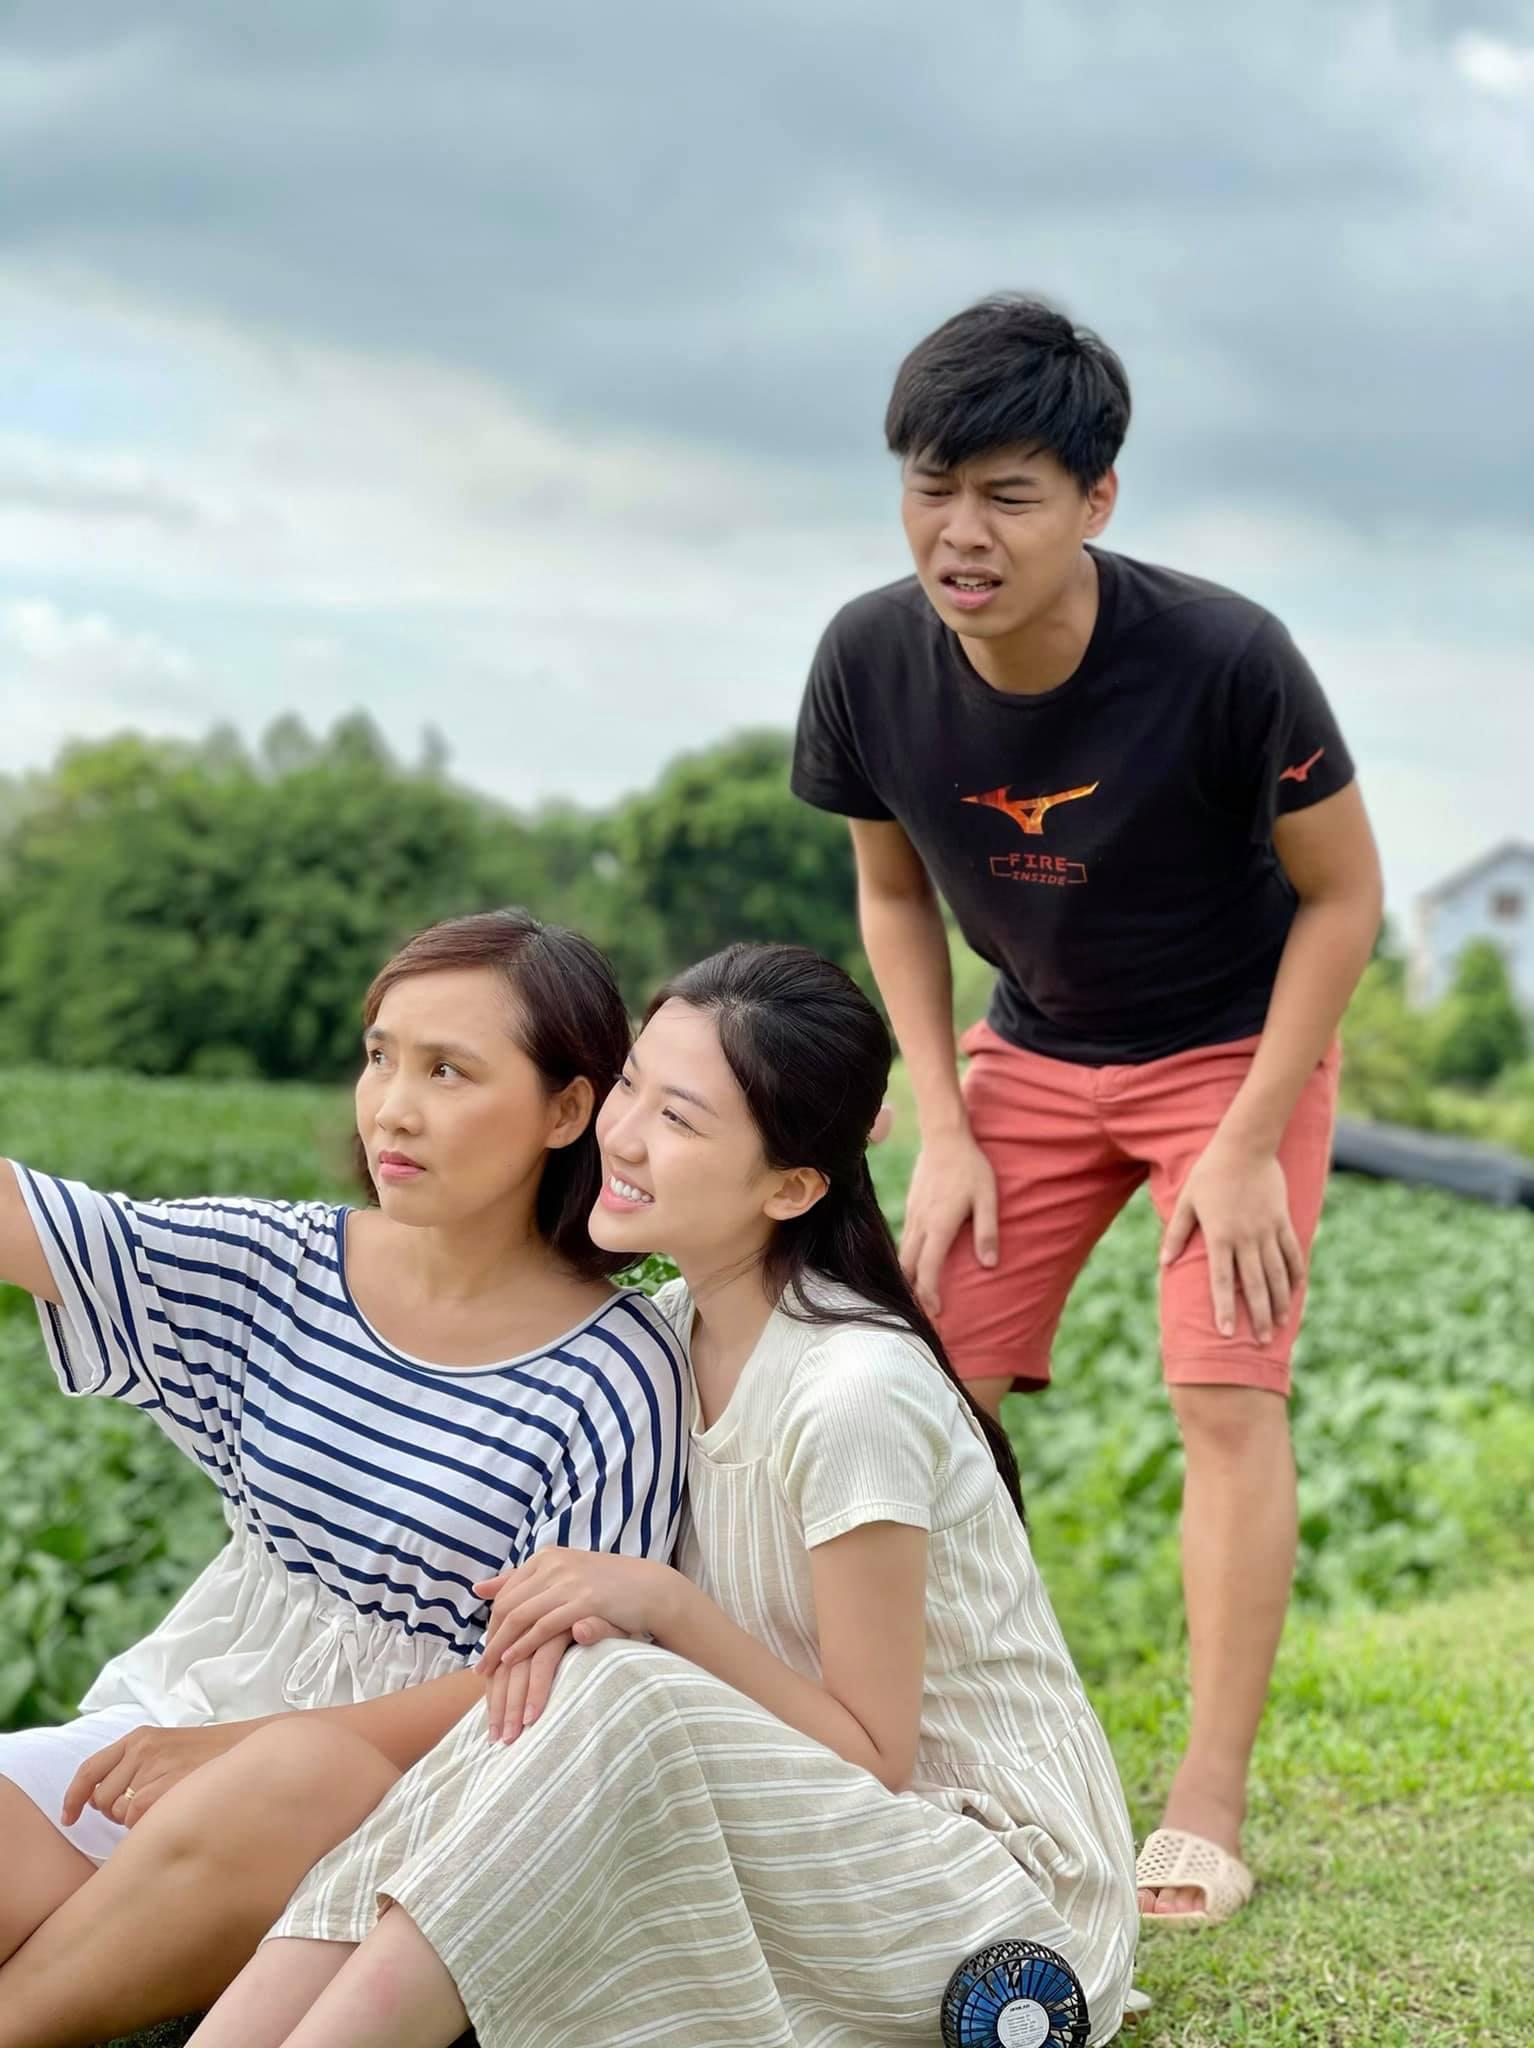 Biểu cảm hài hước của Trung Ruồi khi thấy Anh Thơ và Lương Thanh đang tạo dáng.